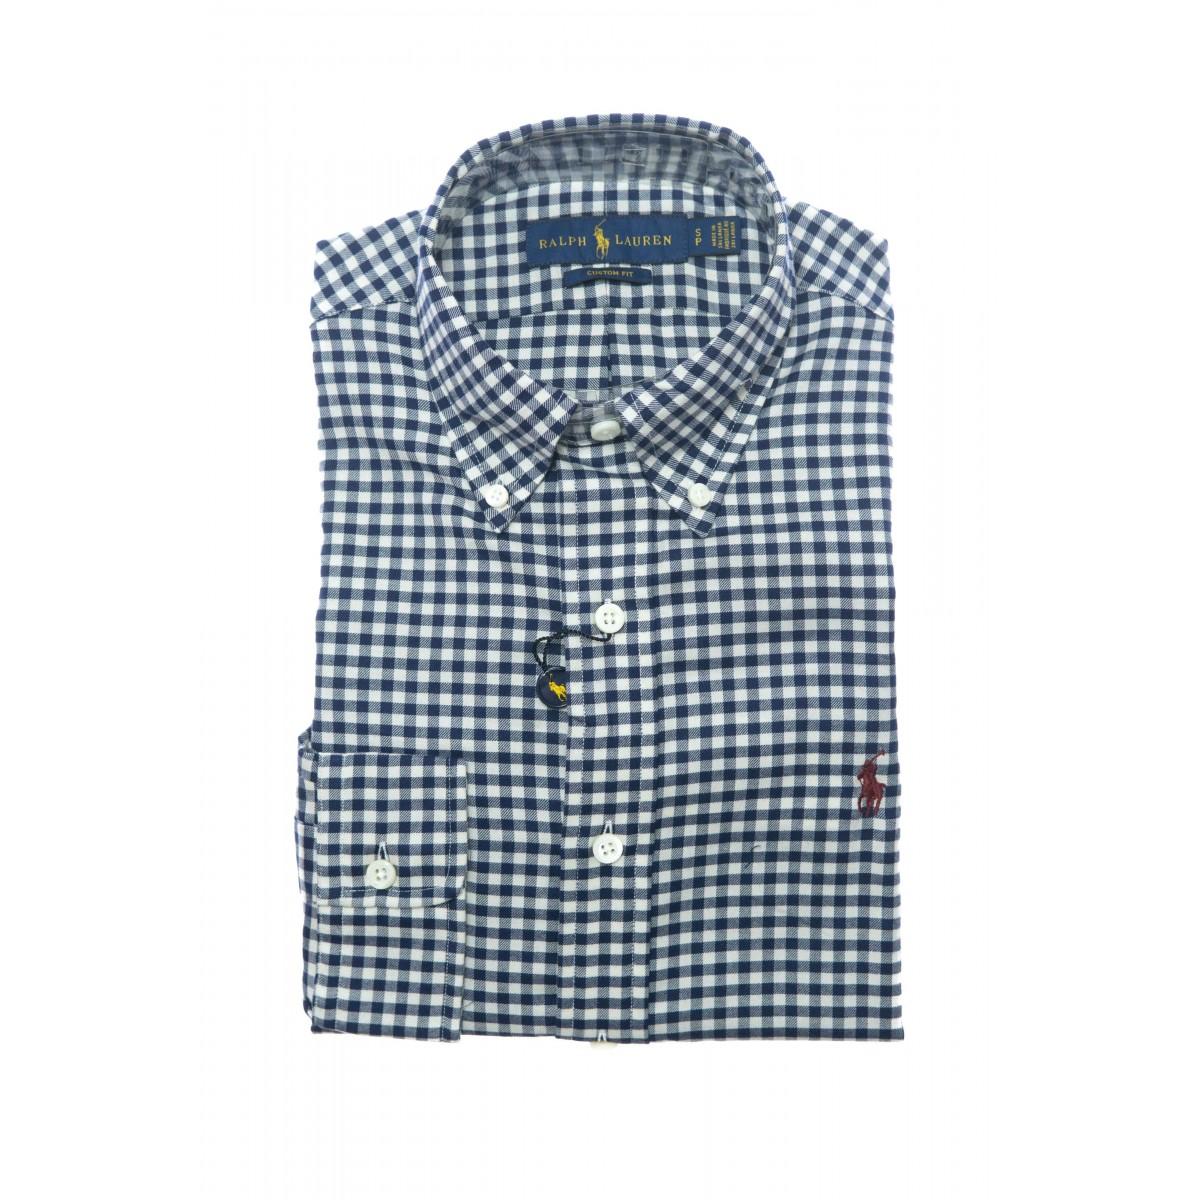 Camicia uomo - 767418 001 quadro flanella custom